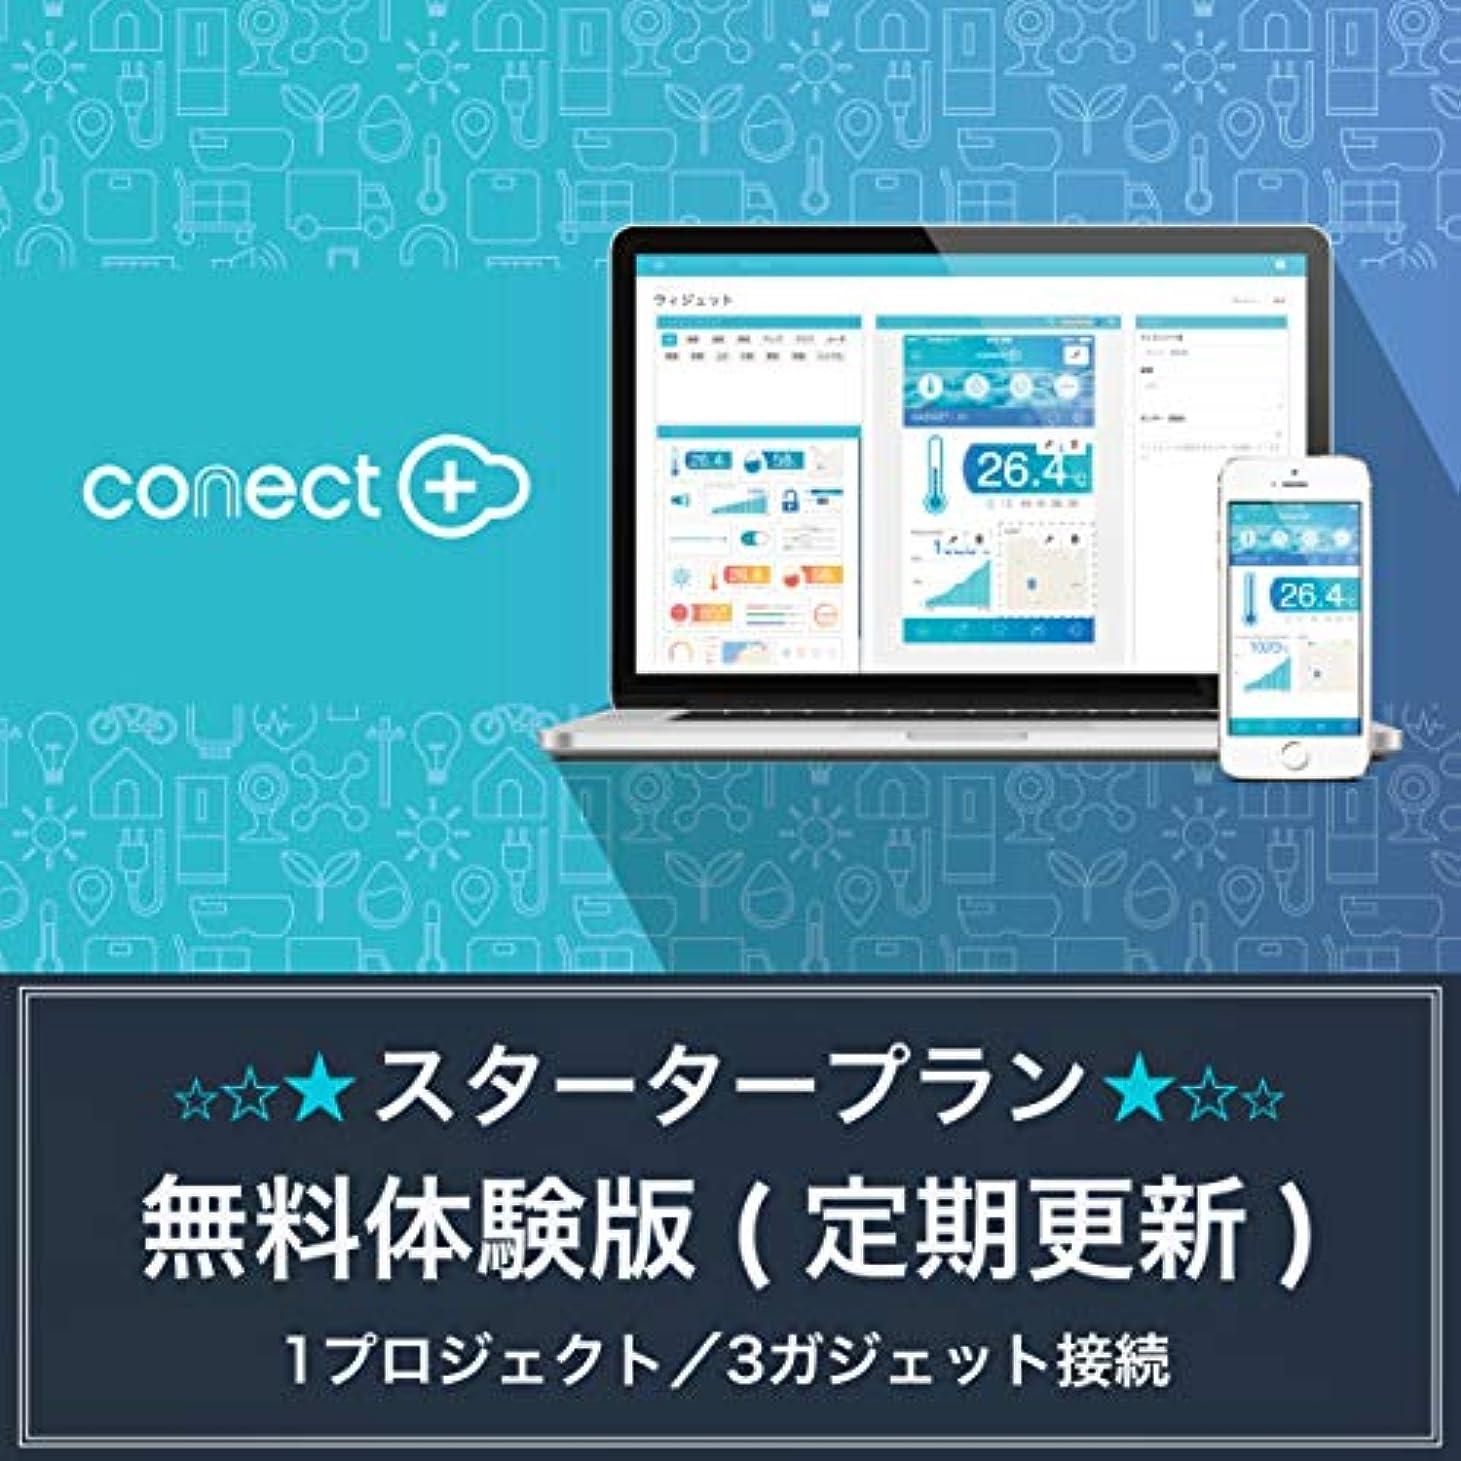 エゴイズムの面ではベットconect+ STARTER PLAN | 30日無料体験版 | 1プロジェクト/3ガジェット接続 | サブスクリプション(定期更新)